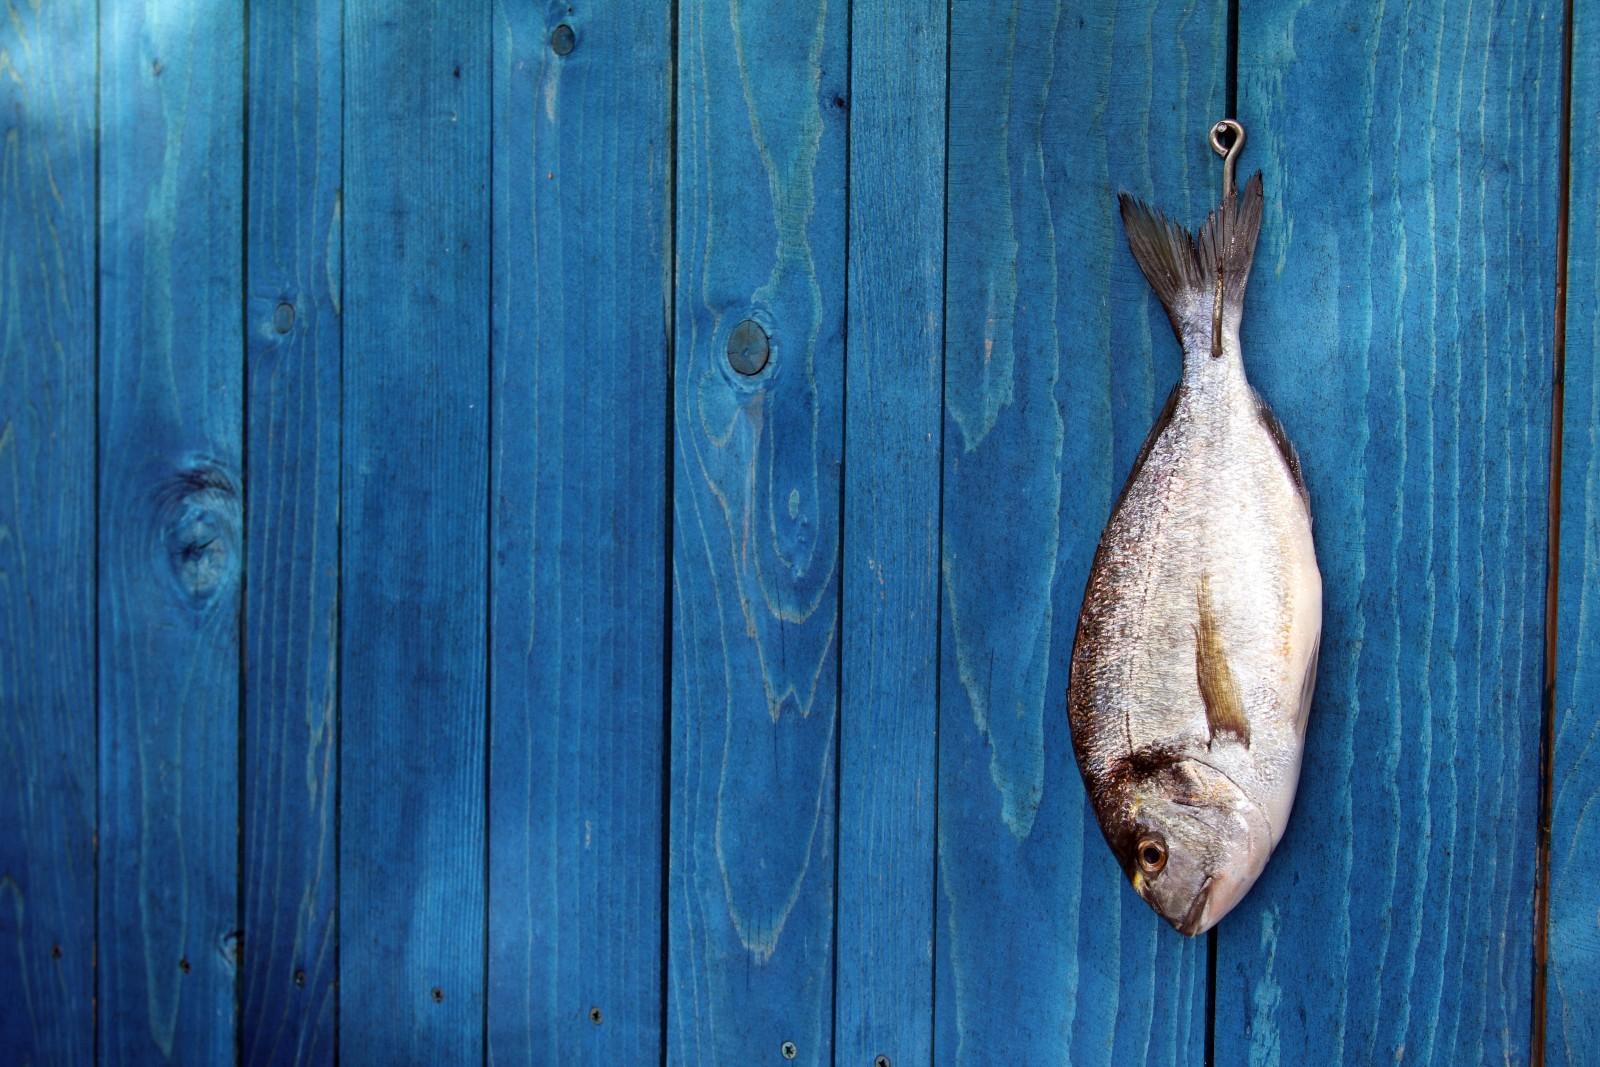 nachhaltig fisch essen geht das berhaupt berfischung codecheck info. Black Bedroom Furniture Sets. Home Design Ideas